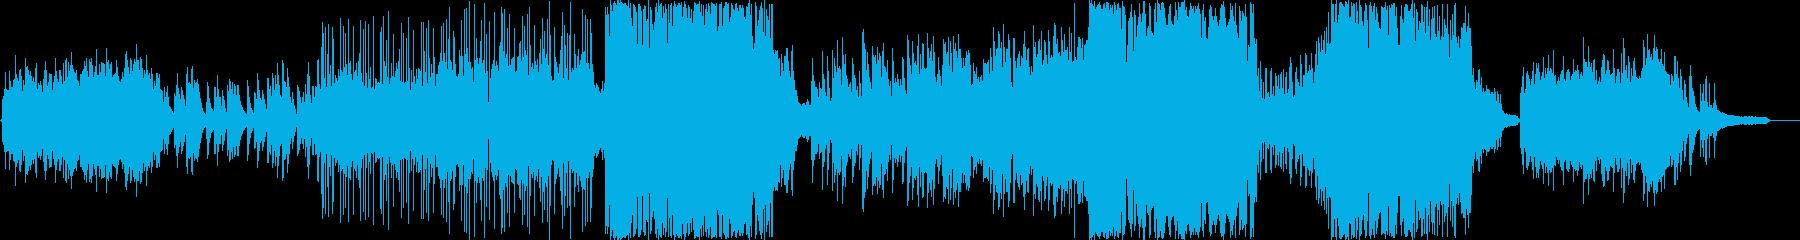 ピアノとストリングスが美しいポップスの再生済みの波形